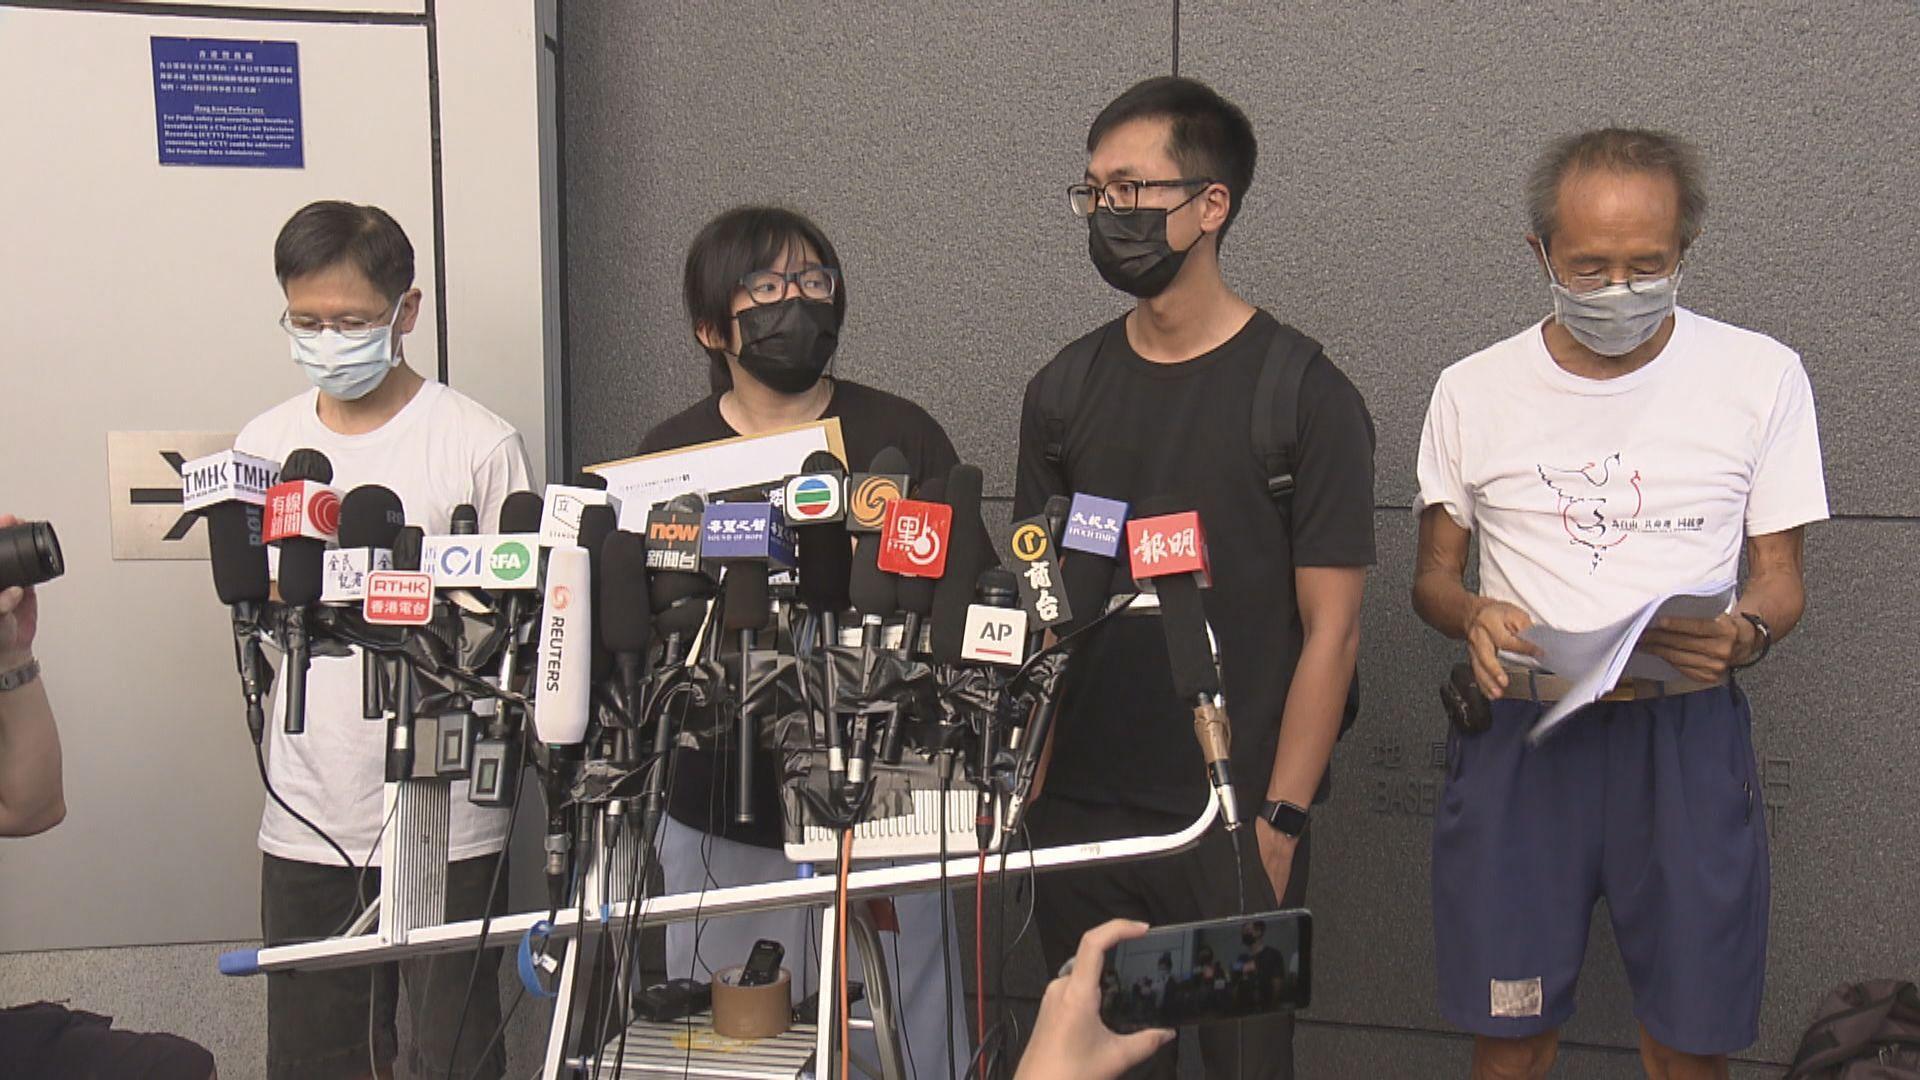 蕭澤頤批評記協過往只為部分傳媒發聲 是選擇性失聰